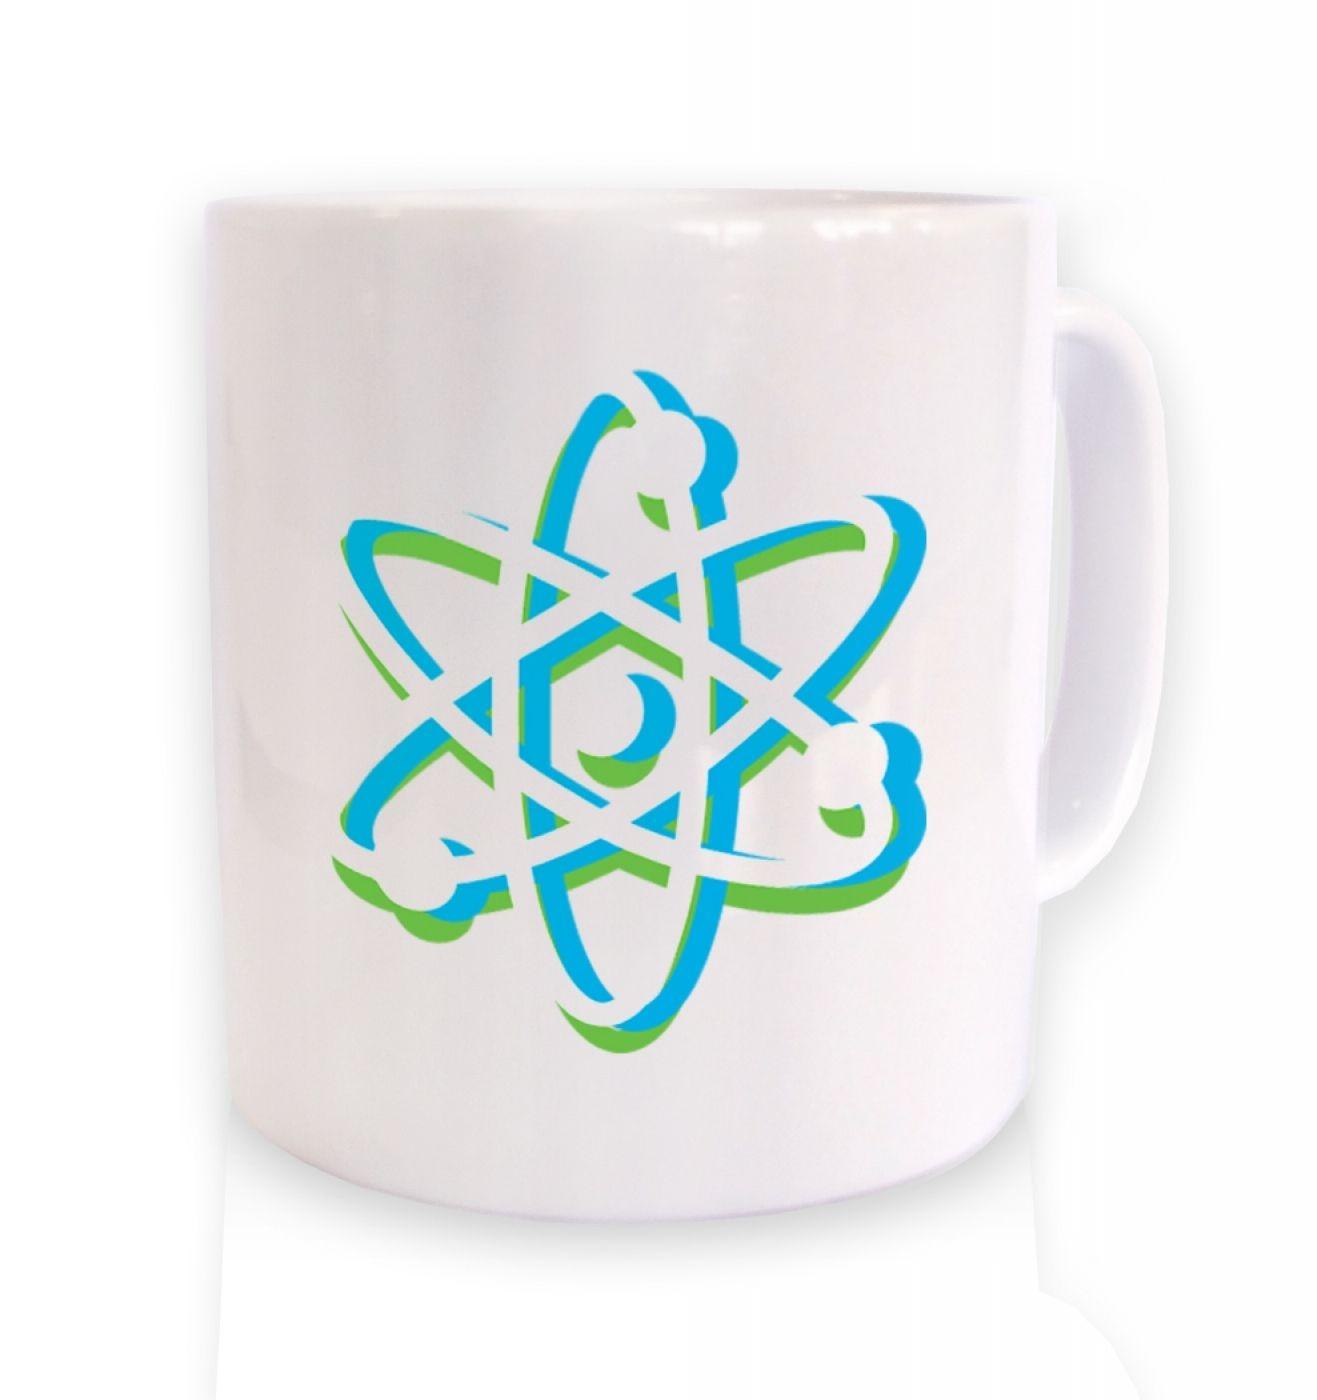 Atom ceramic coffee mug